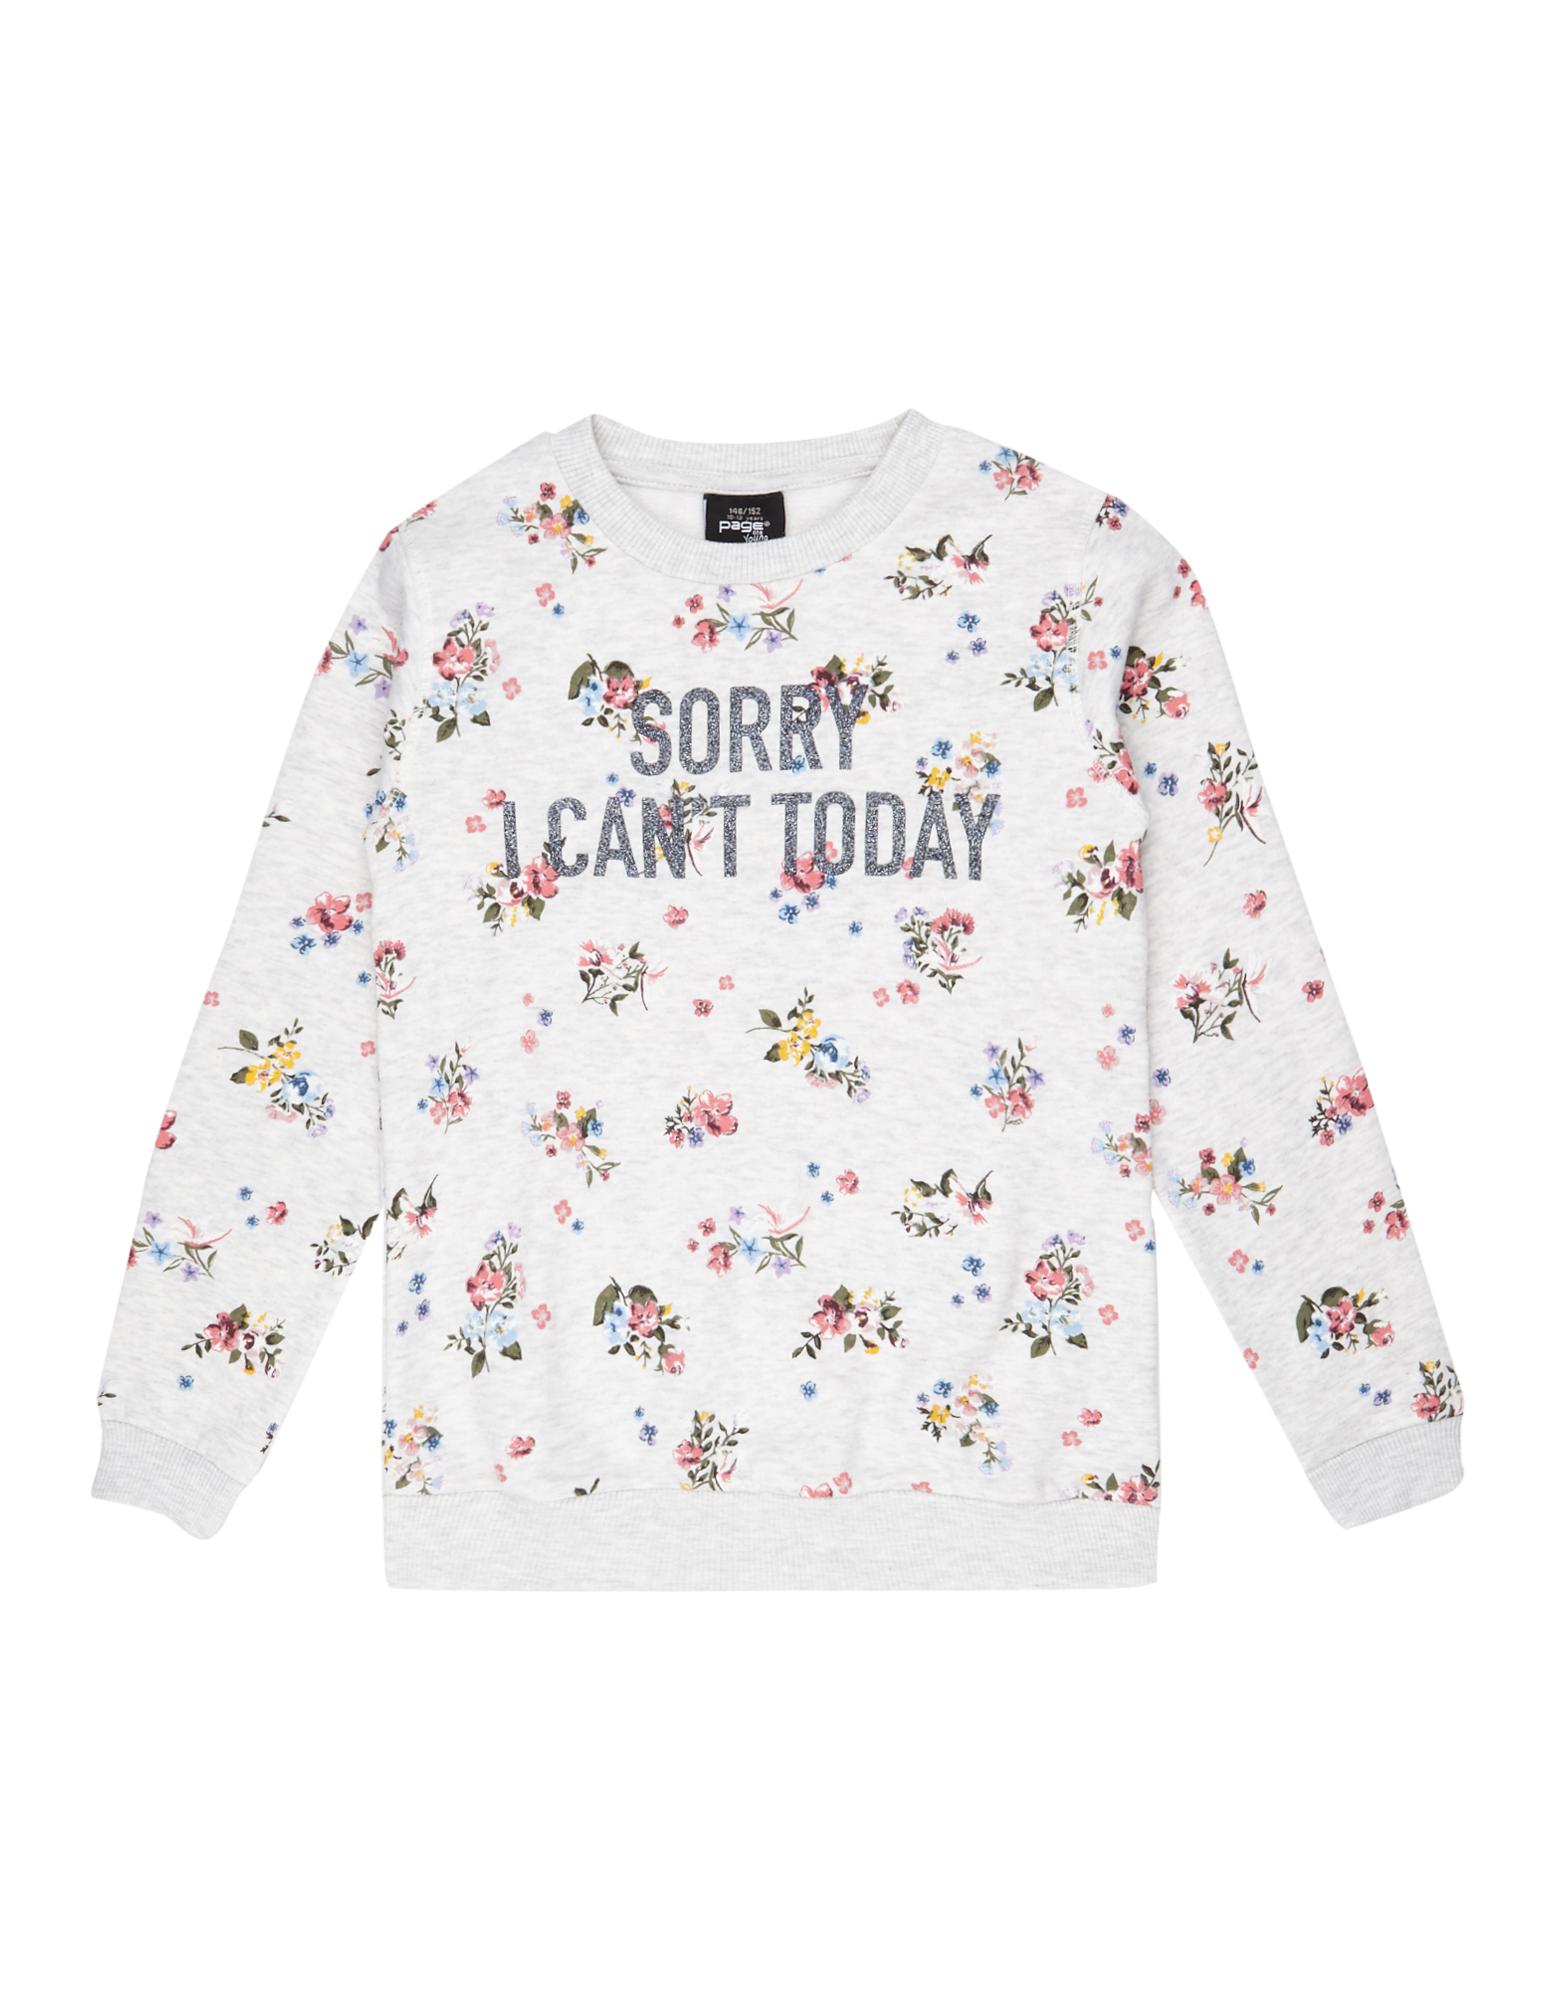 Mädchen Sweatshirt mit Allover- und Glitzer-Print    81556381370409